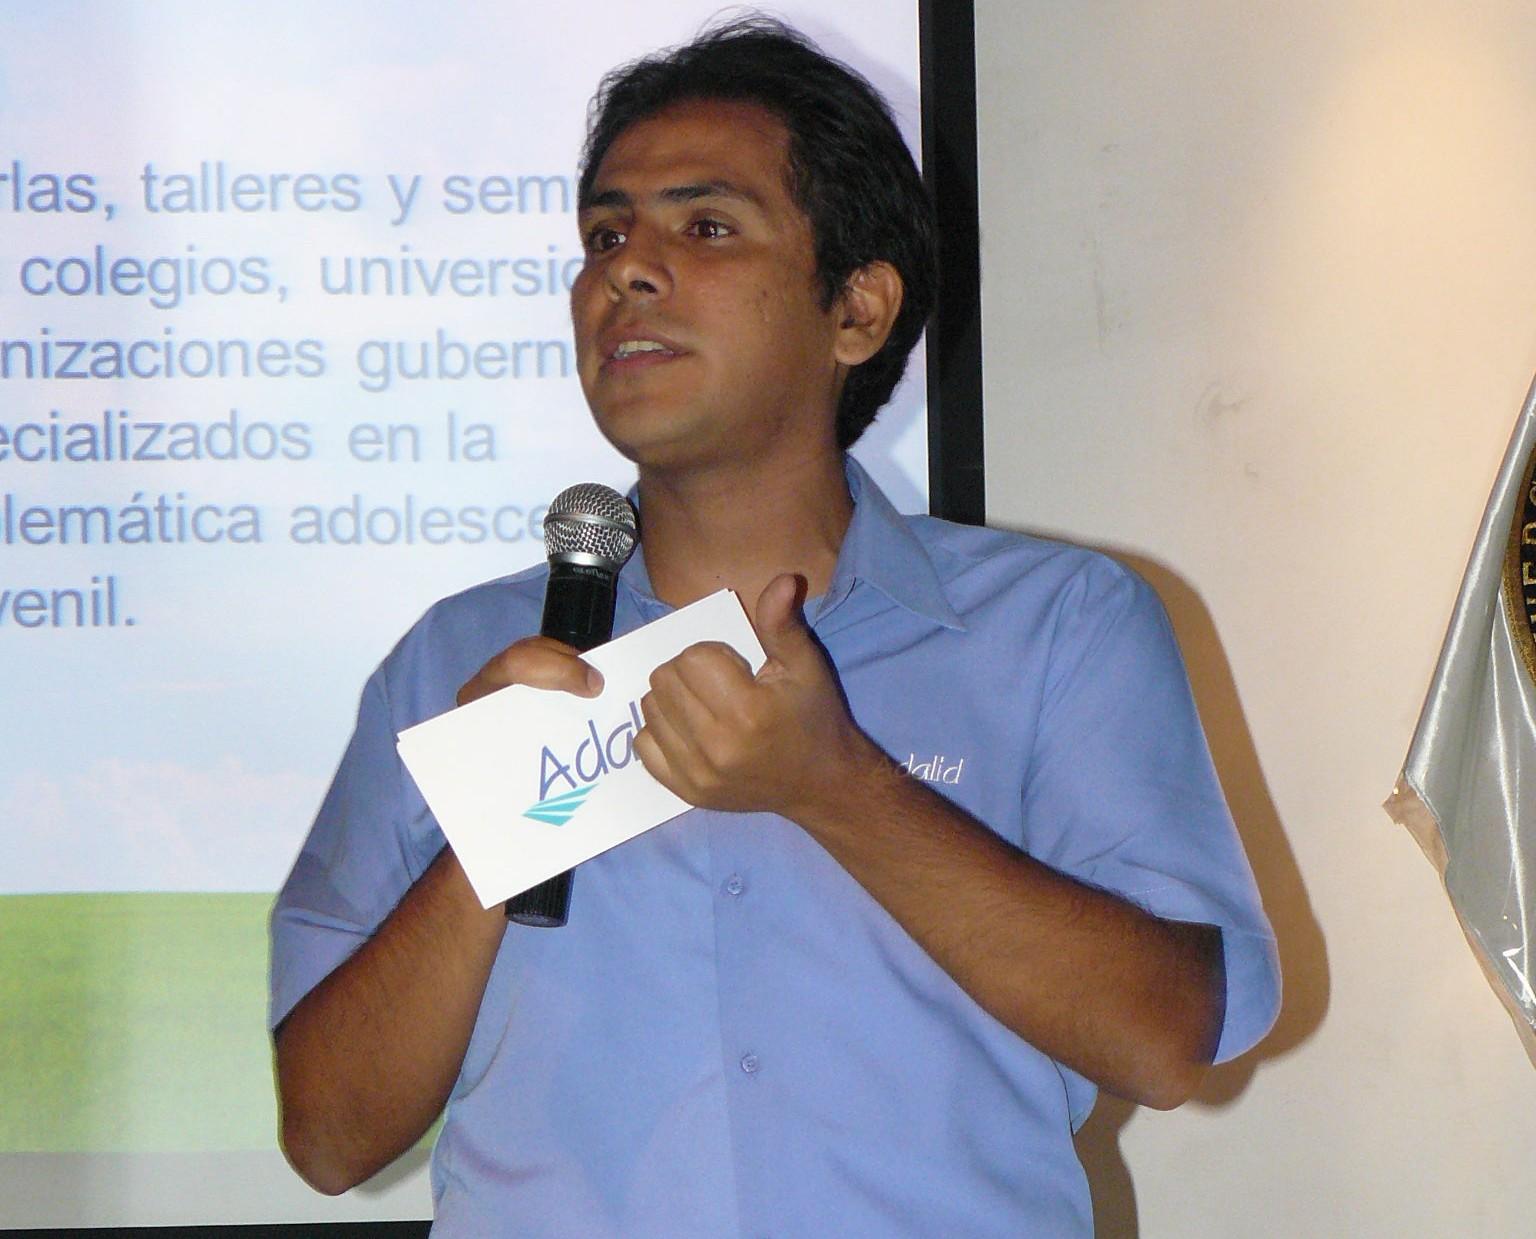 Nemesio Paredes - Adalid